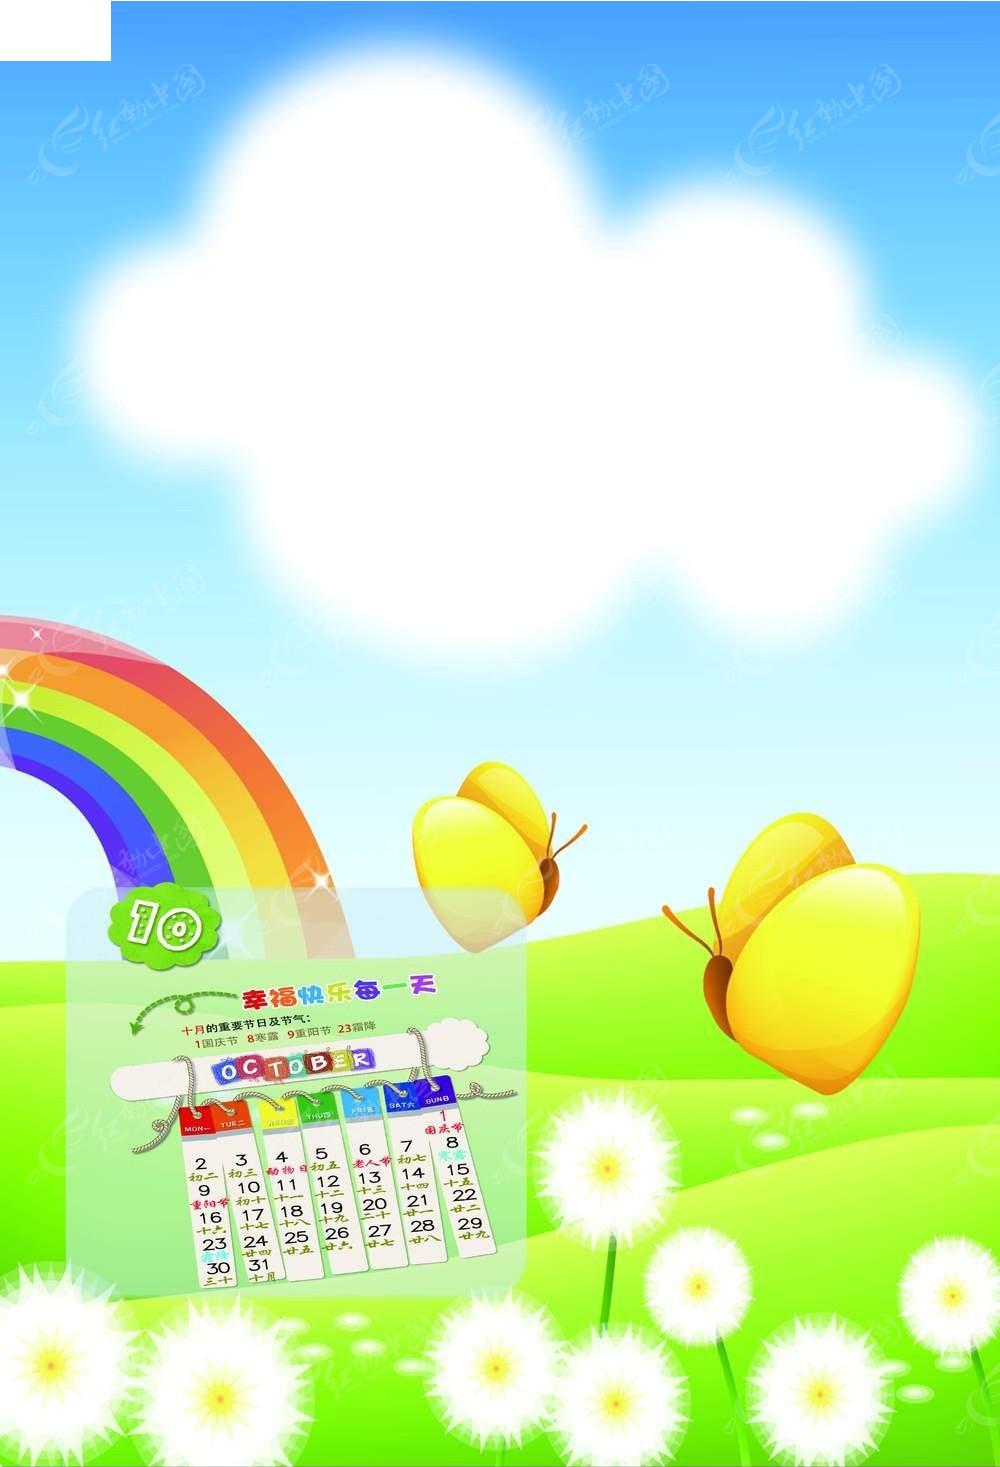 彩虹手绘日历